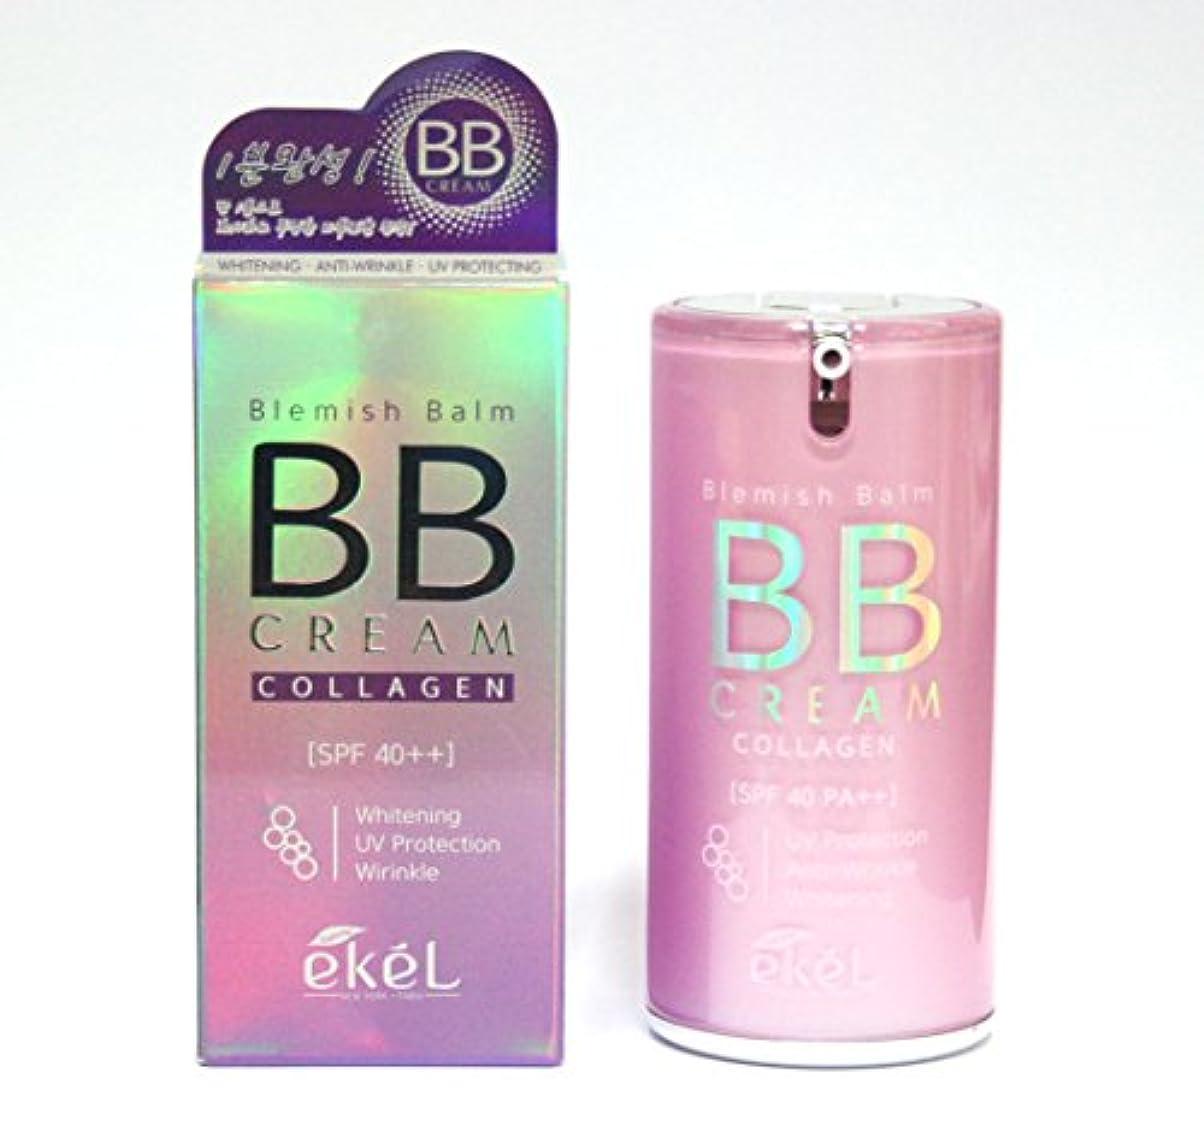 打ち上げる多年生簡略化する[EKEL] ブレミッシュバームコラーゲンBBクリーム50g / Blemish Balm Collagen BB Cream 50g /ホワイトニング、UV保護、しわ / whitening, uv protection...